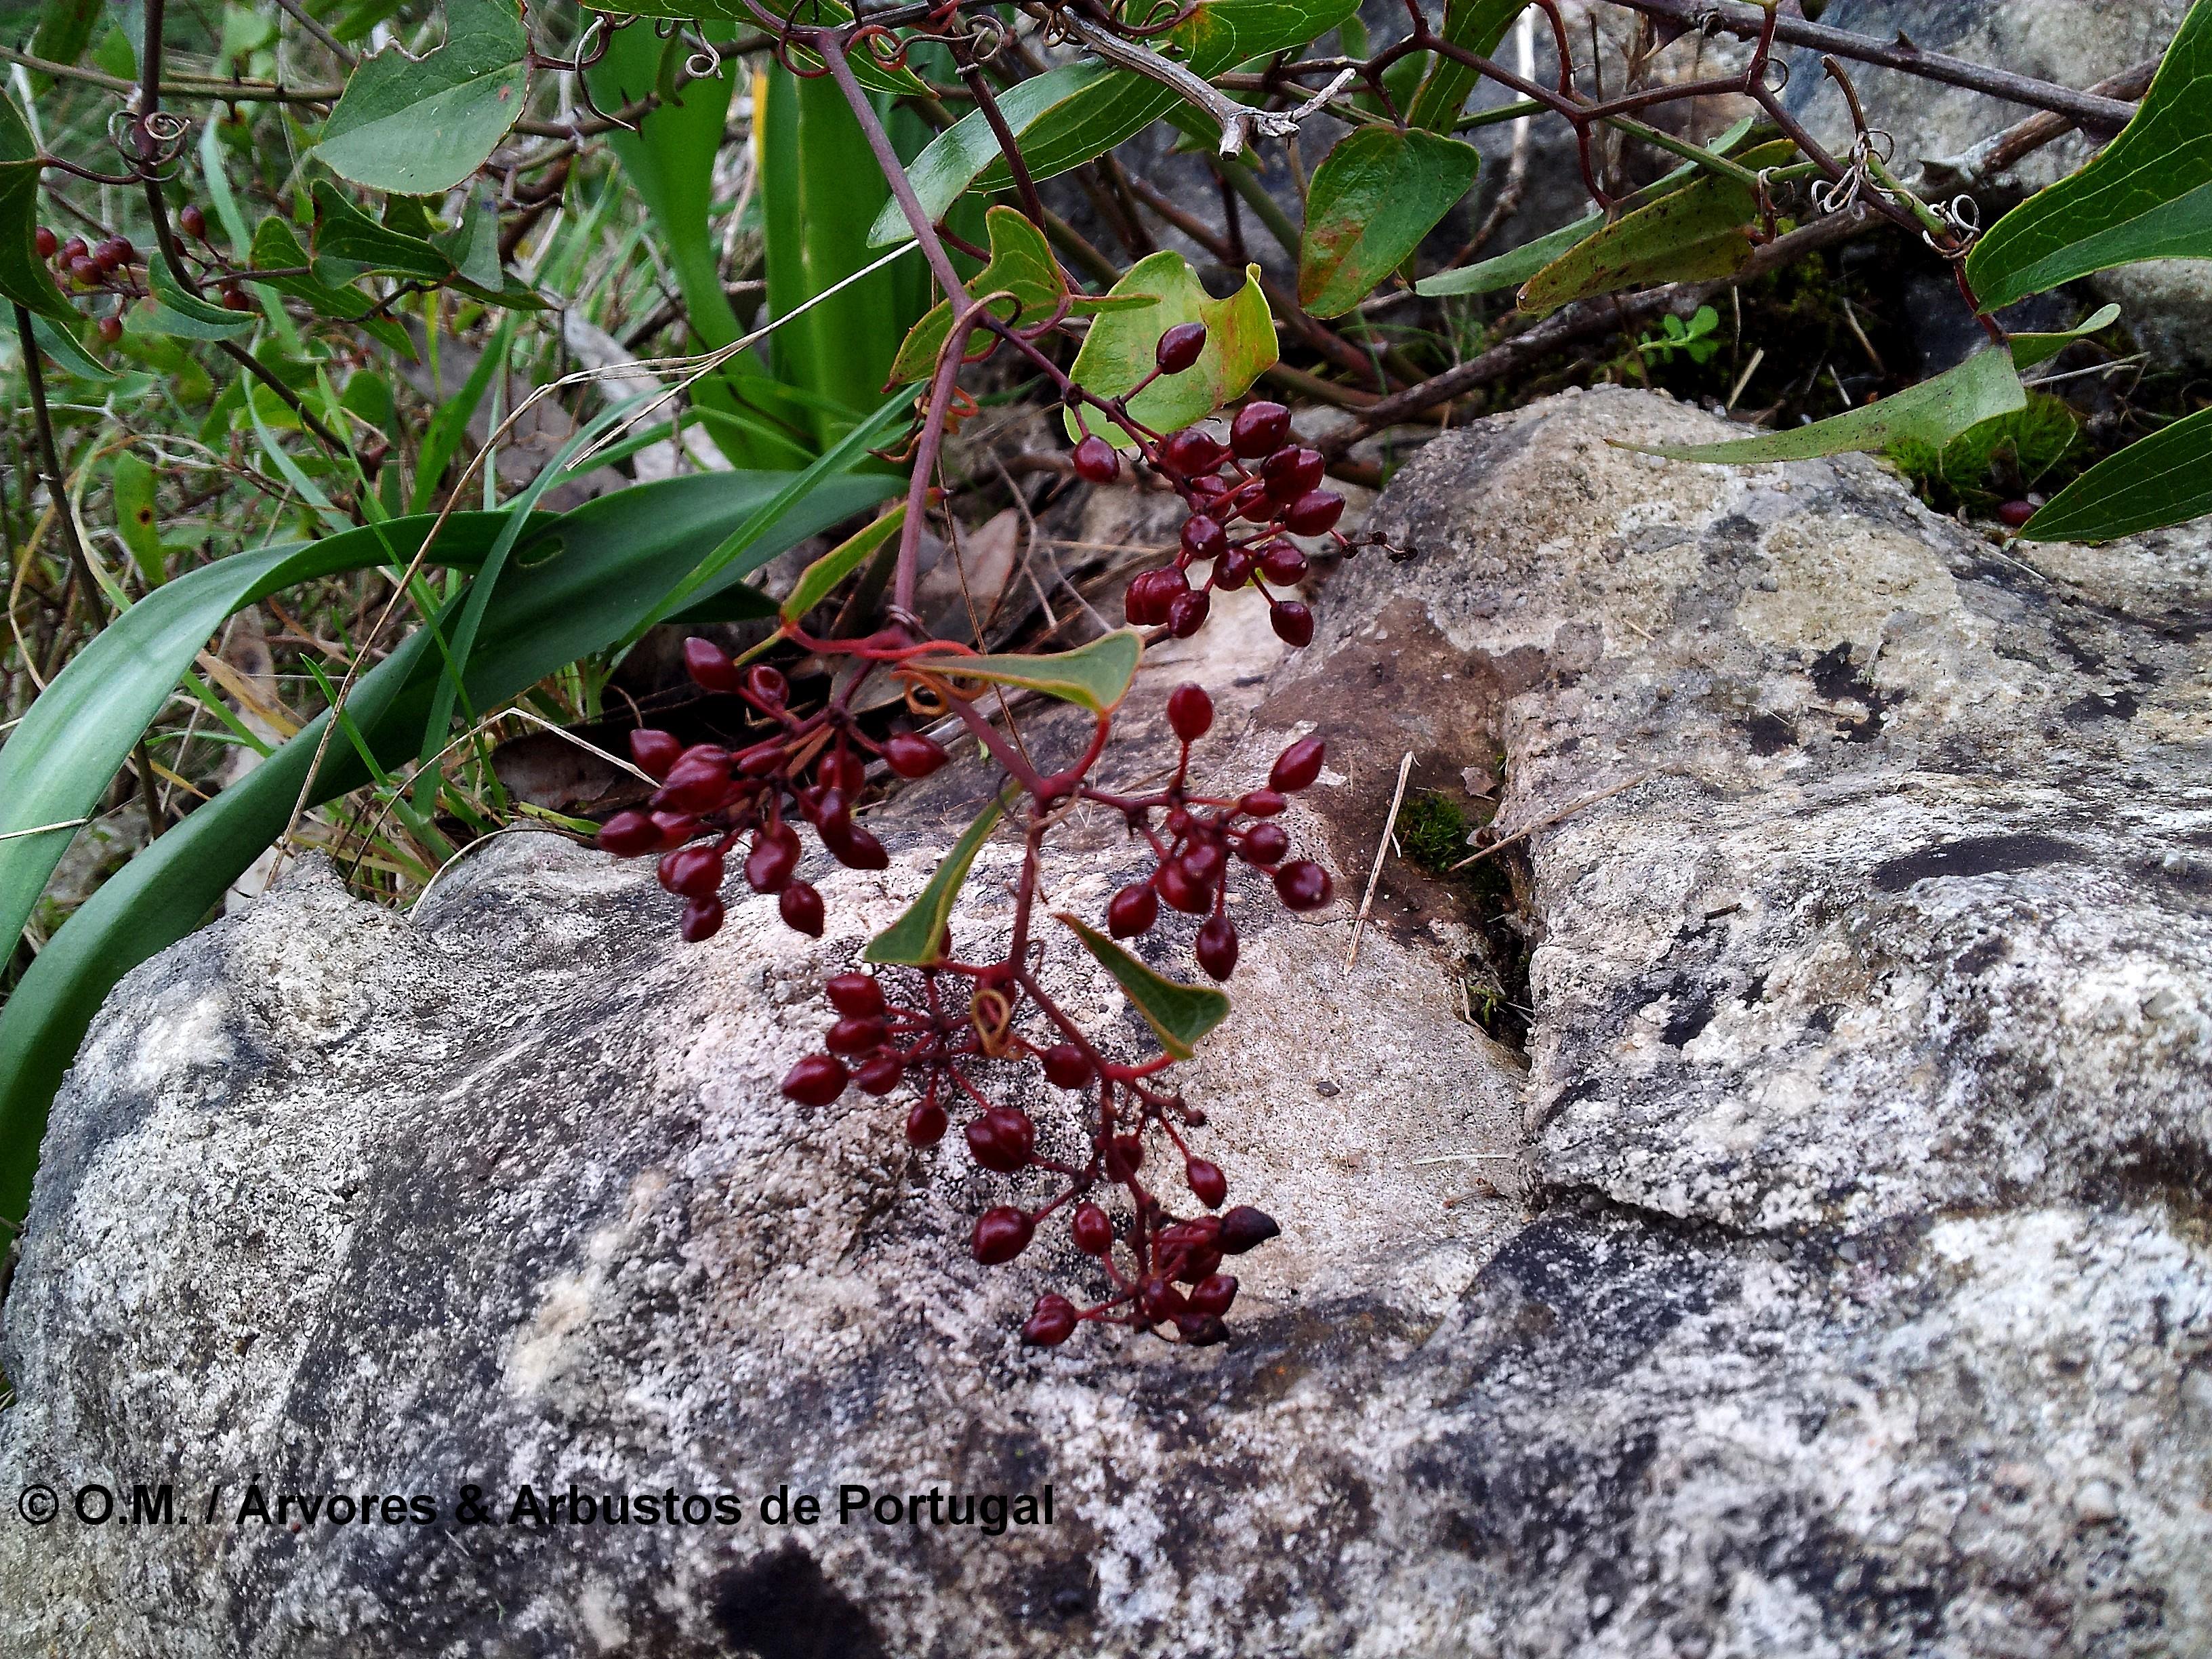 bagas ou frutos em formação de salsaparrilha, alegra-campo, alegação - Smilax aspera